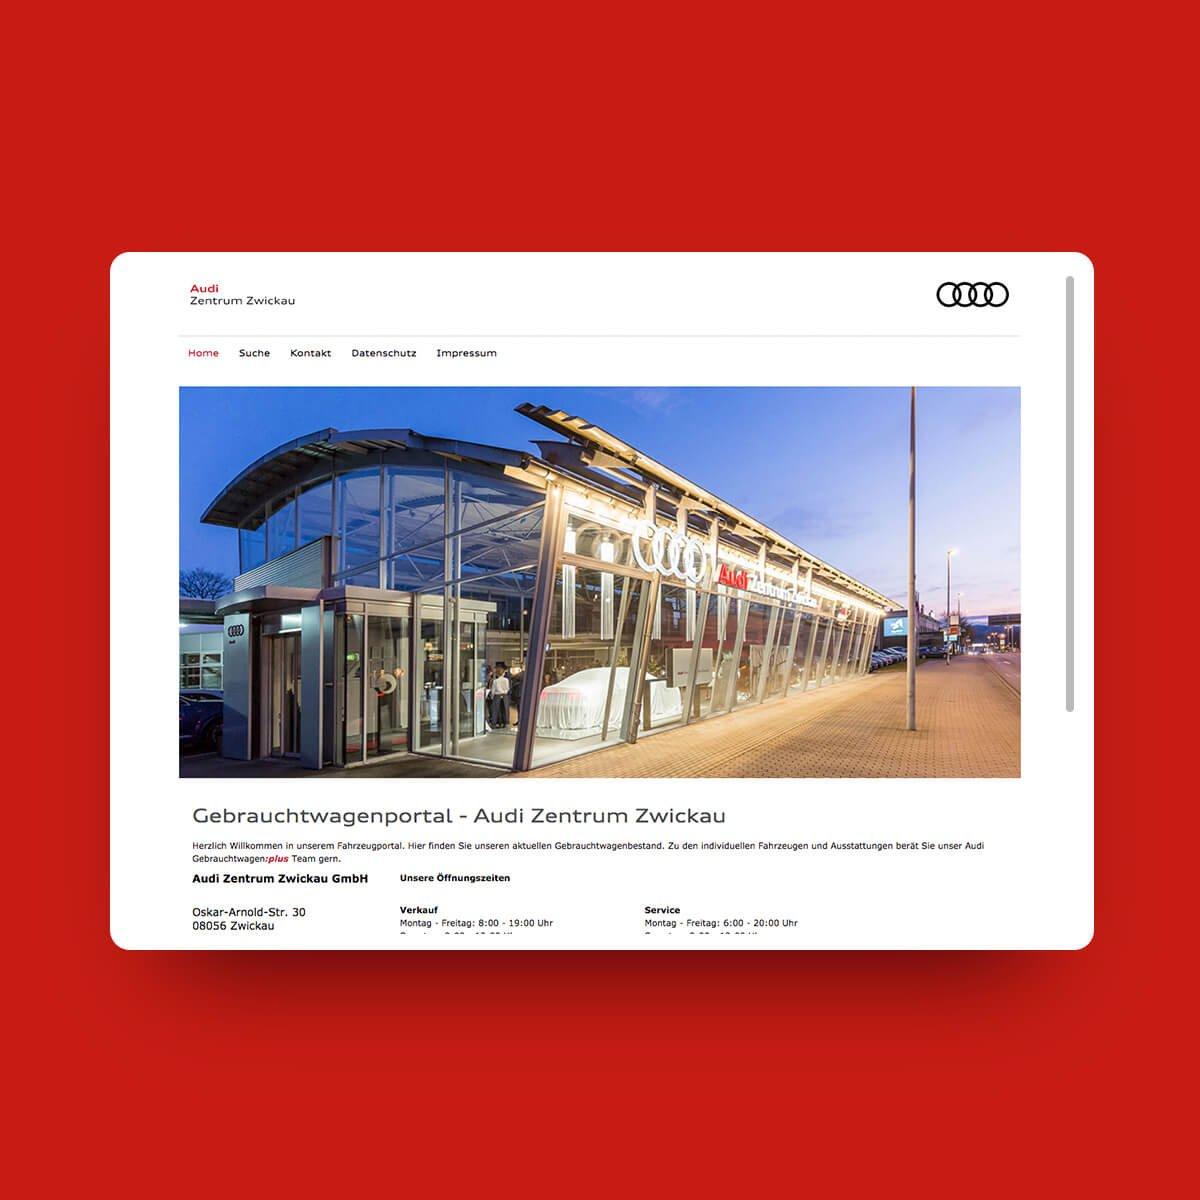 Audi Zentrum Zwickau